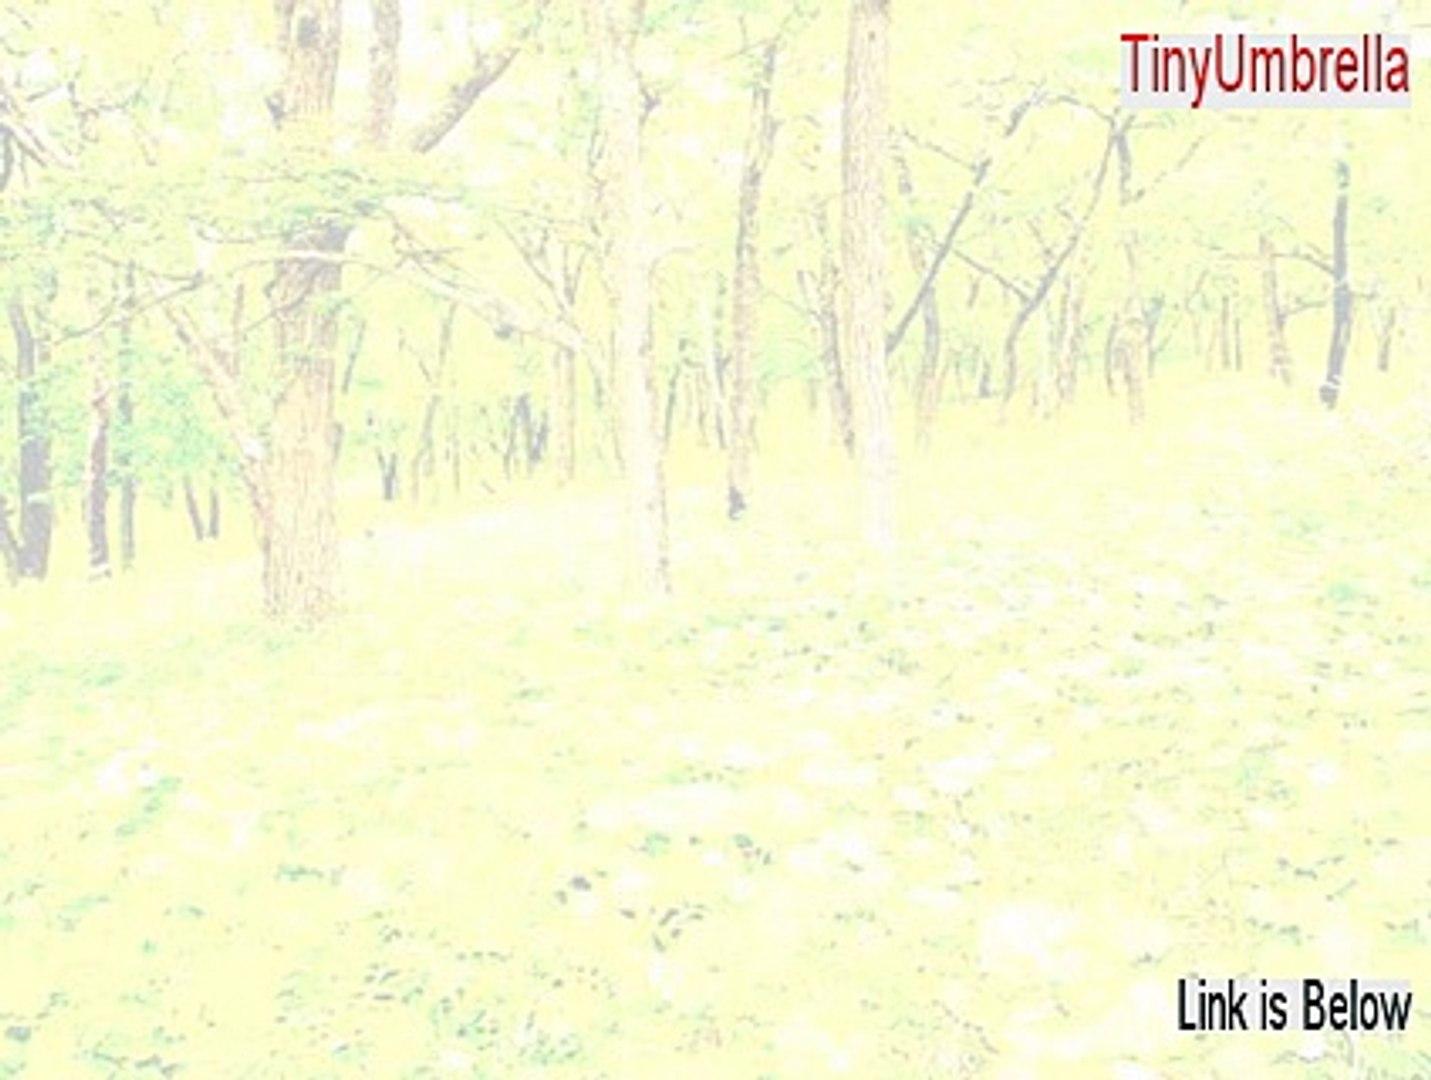 TinyUmbrella Cracked (Legit Download)